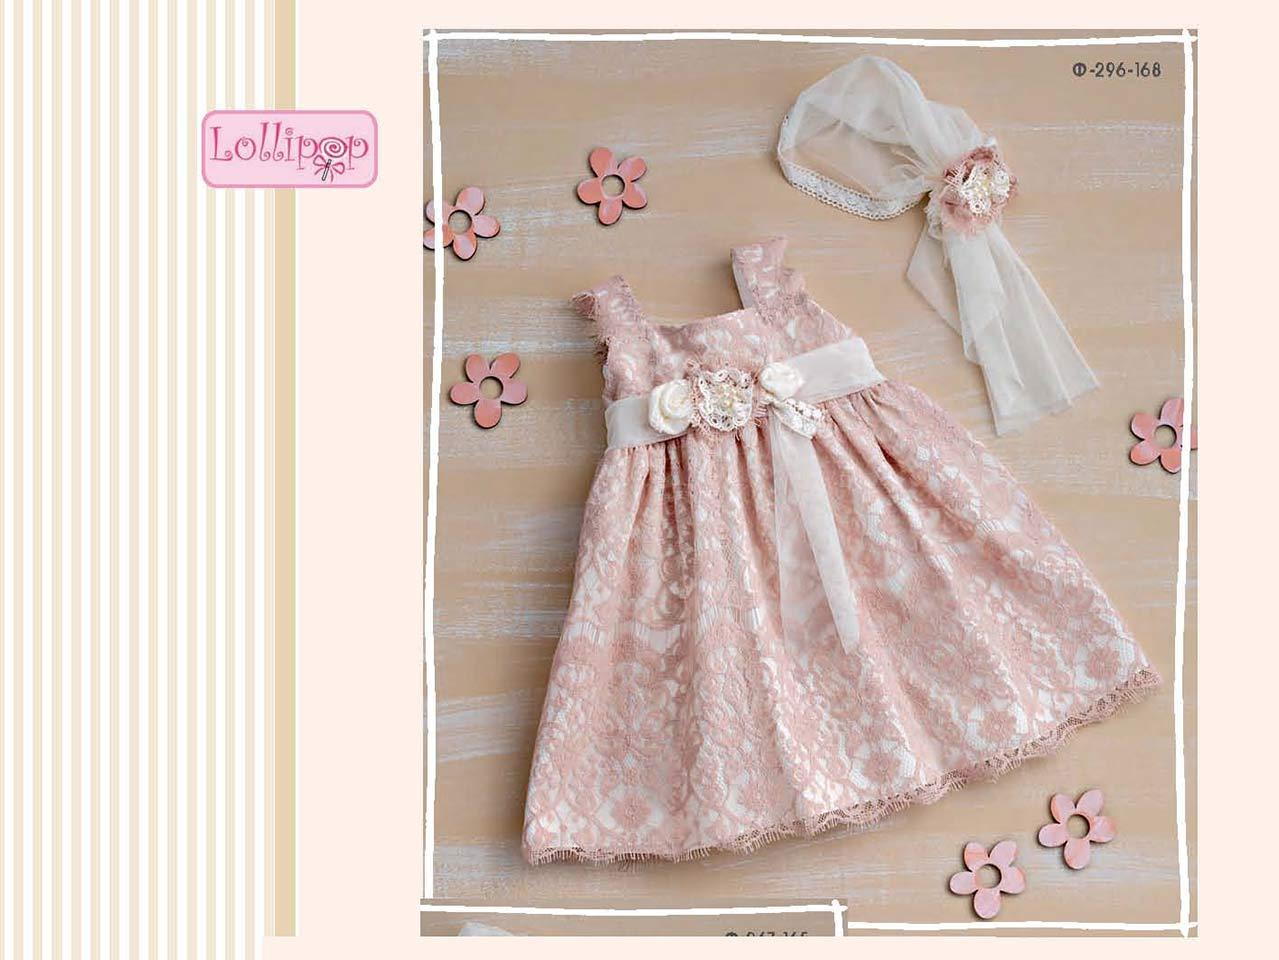 7a8c959099b1 Βαπτιστικό Φόρεμα Ροζ Δαντέλα - Βαπτιστικό Φόρεμα